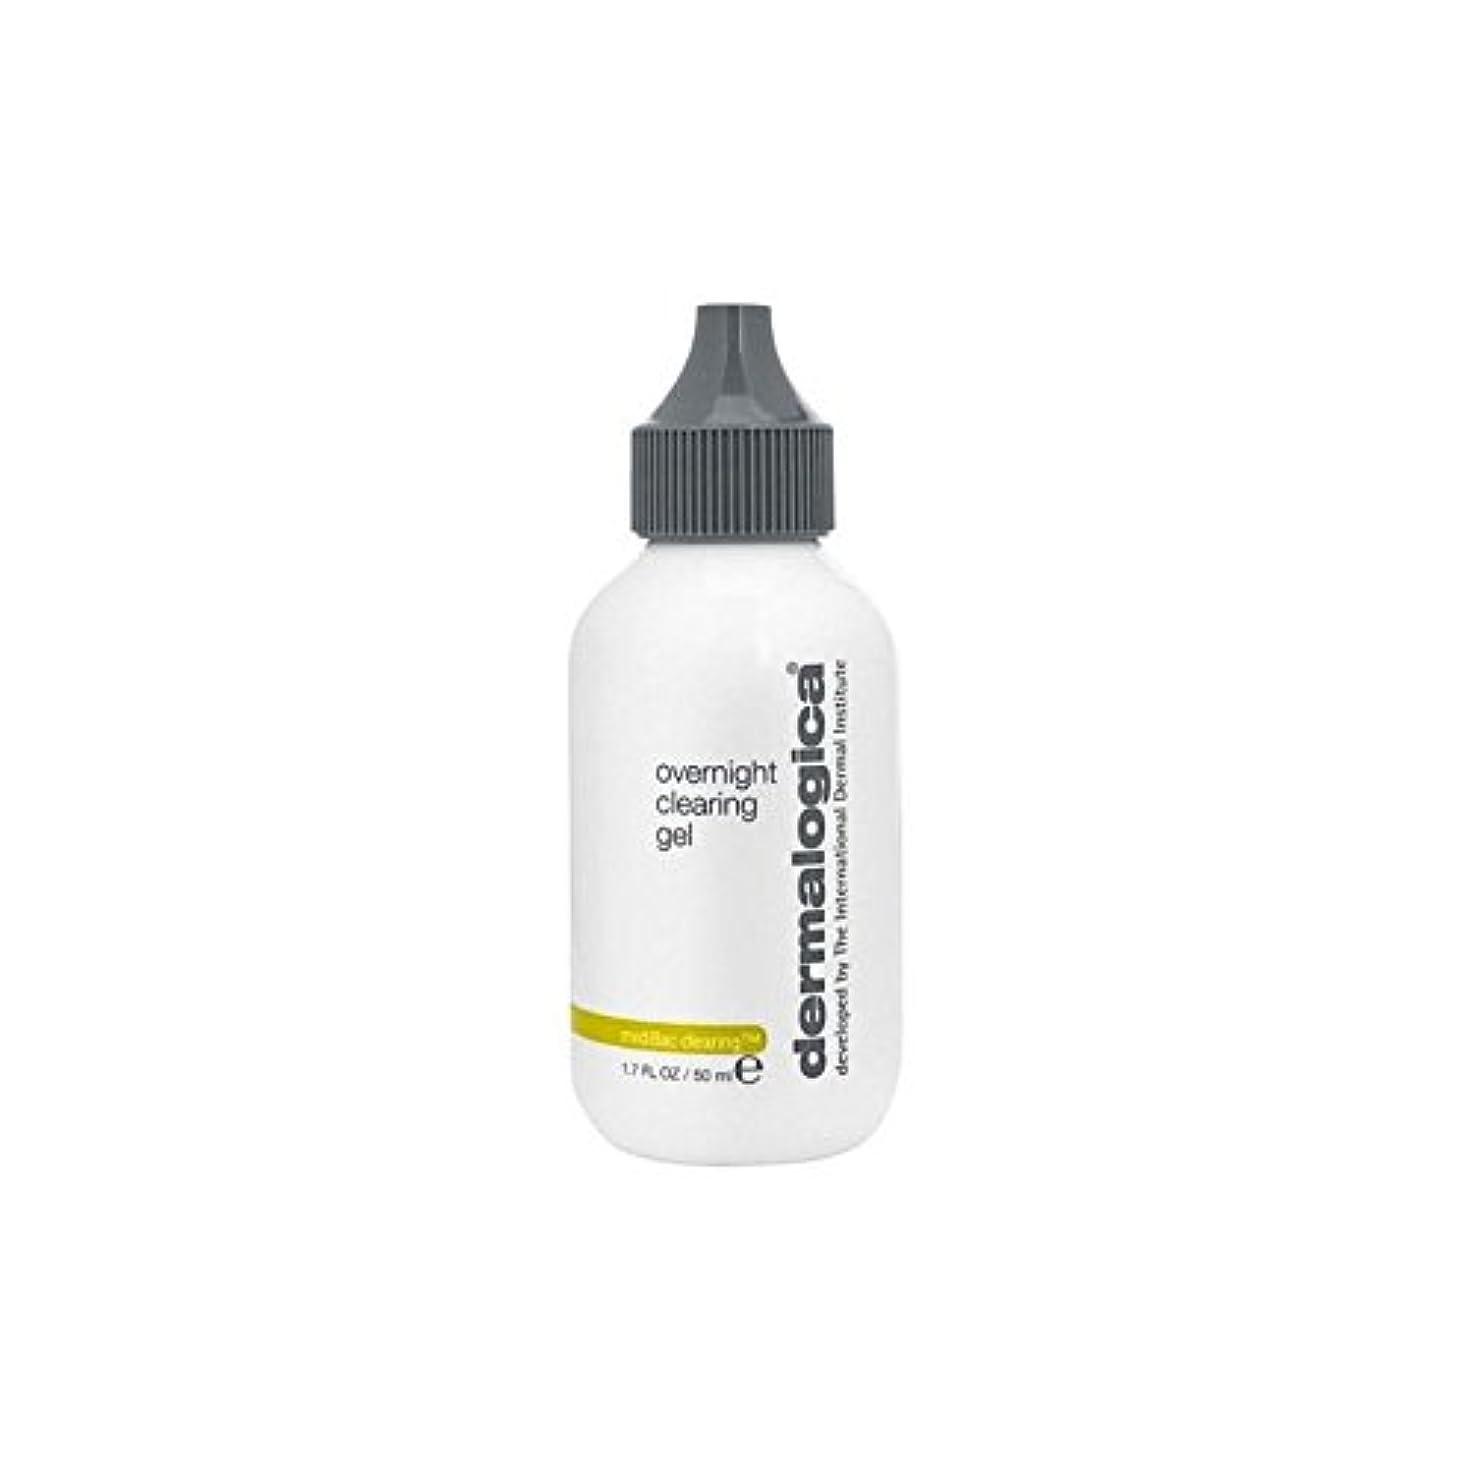 排泄物肌寒い増強Dermalogica Medibac Overnight Clearing Gel (50ml) - ダーマロジカ一晩透明ゲル(50)中 [並行輸入品]